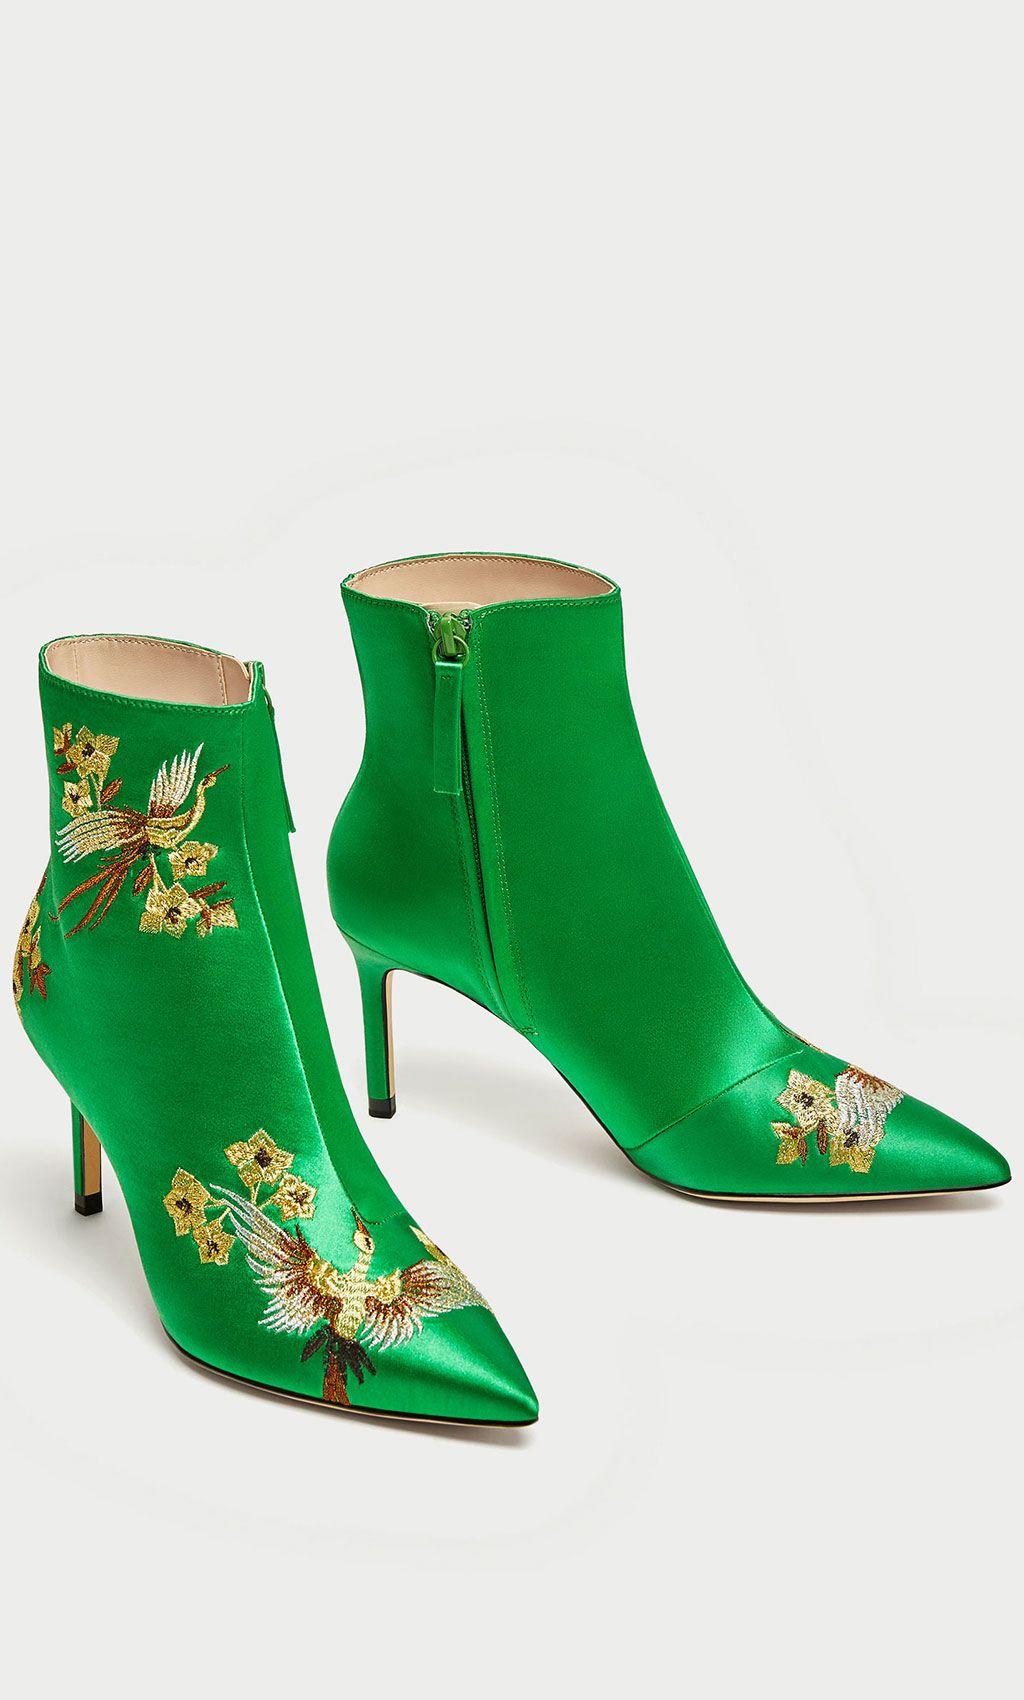 Otoñoy Zapatos Ya Las Pasarelas Los No Zara 10 Que Viste De En iXkOPZu